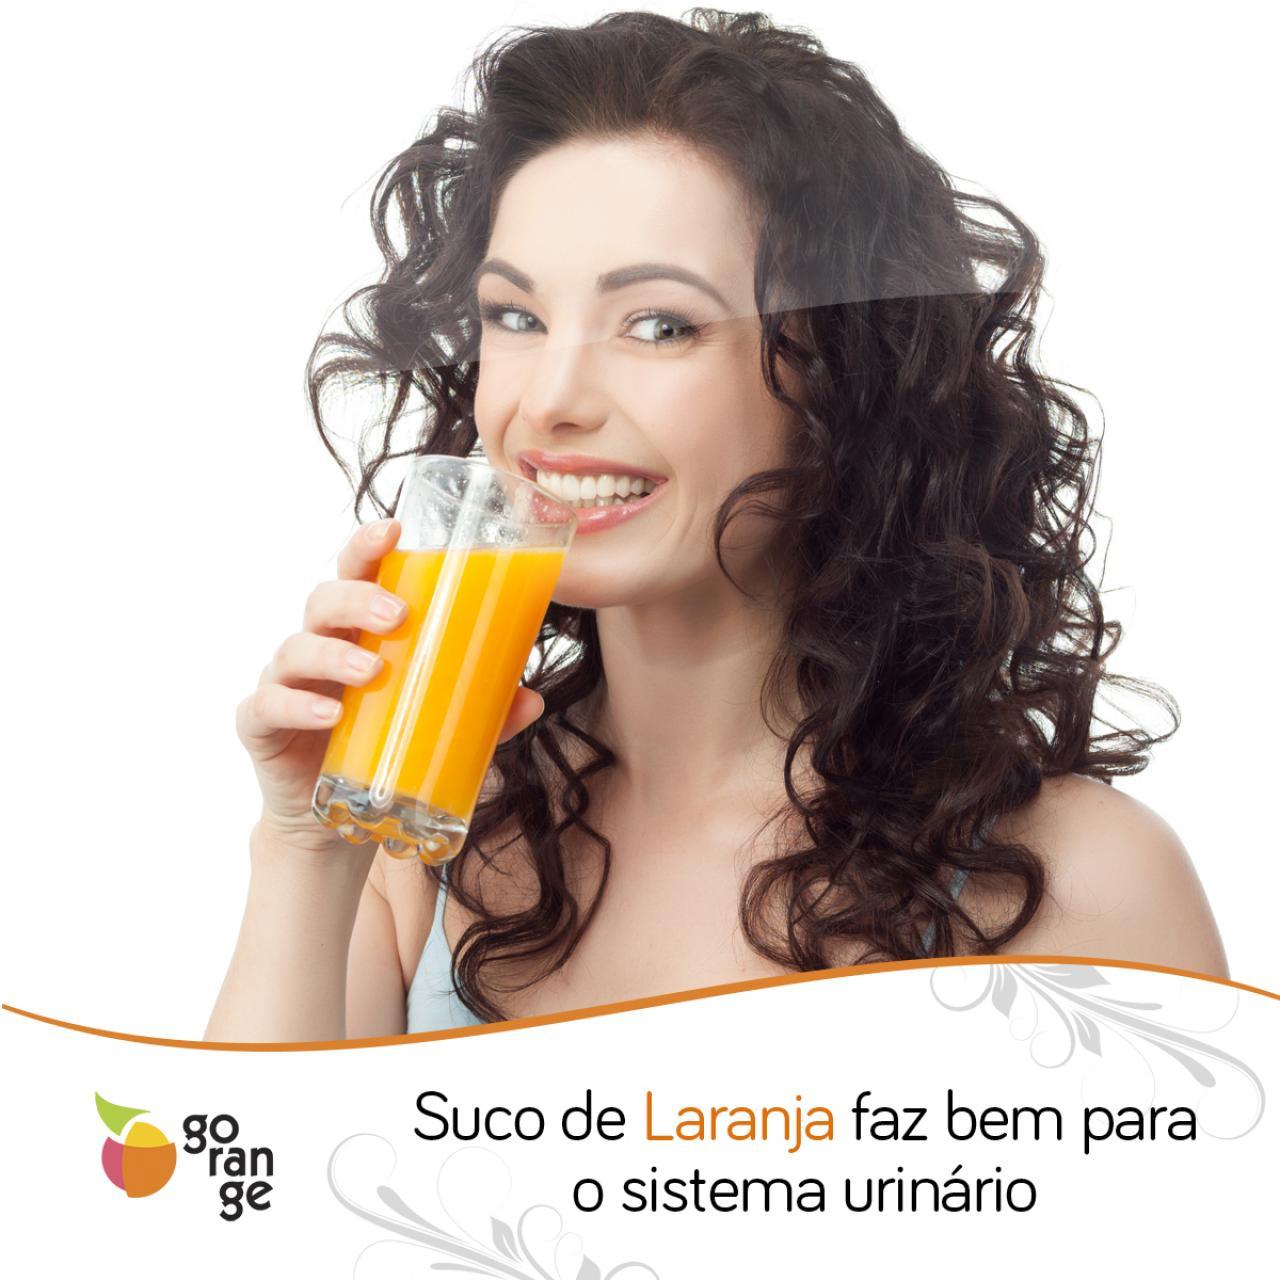 Suco de laranja faz bem para o sistema urinário